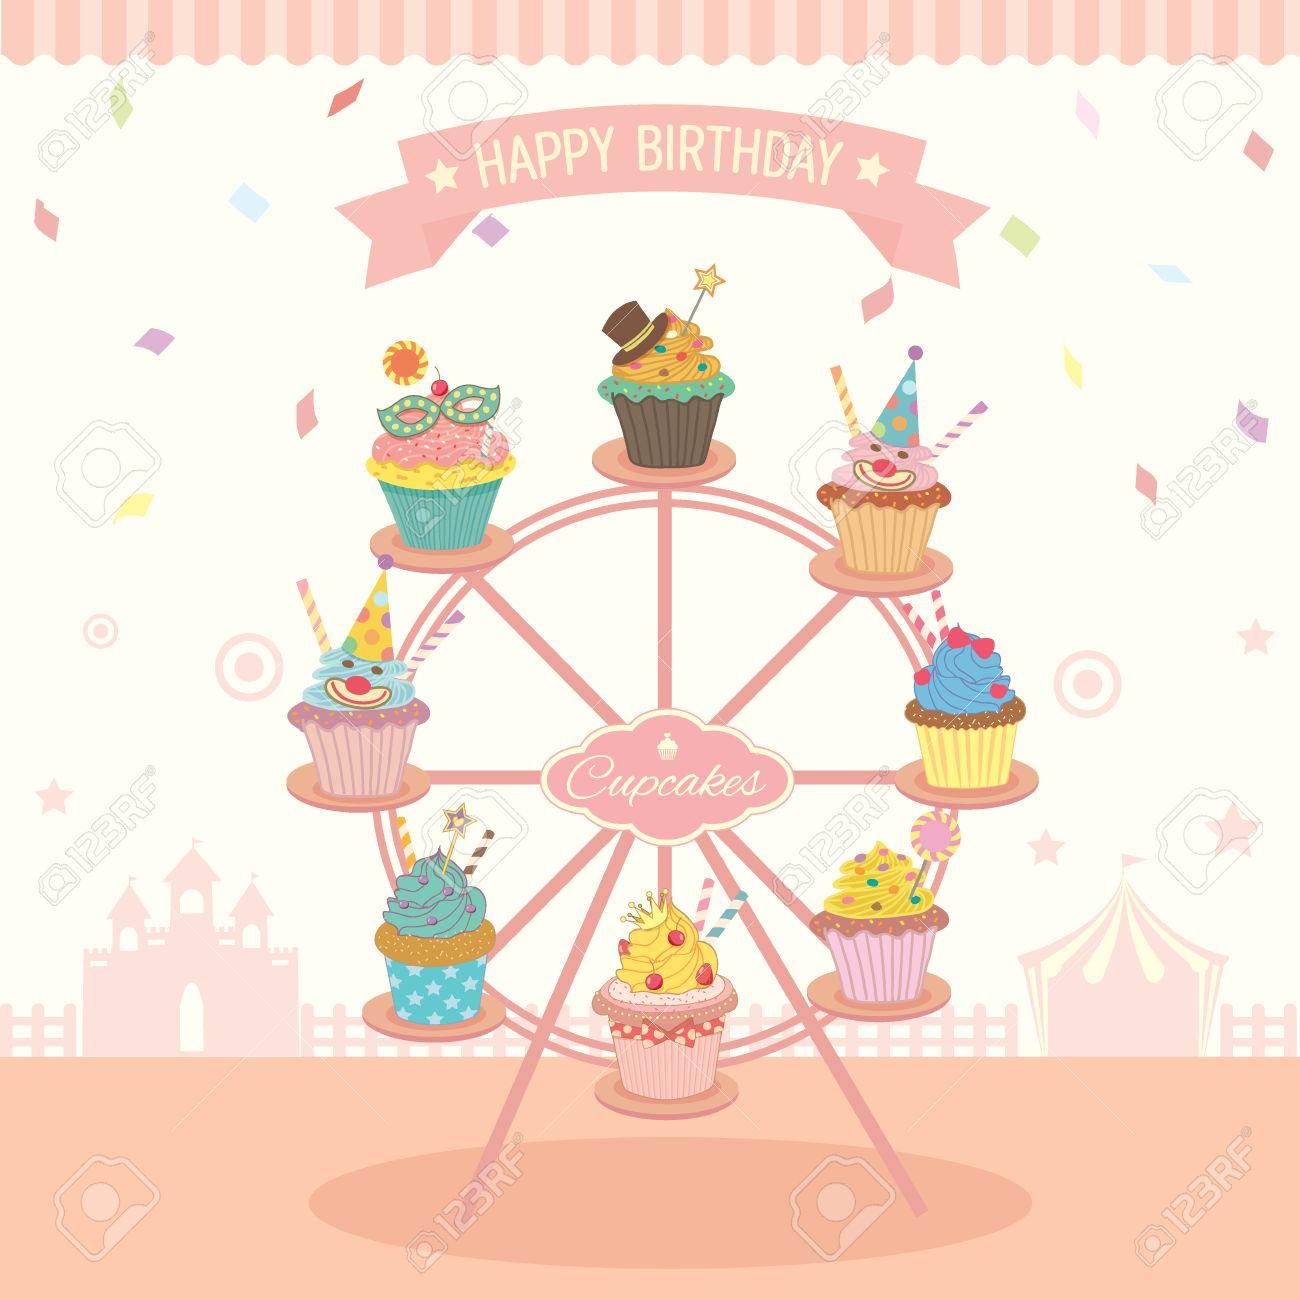 ベクトル ファンタジー カップケーキ デコレーション誕生日パーティー祭